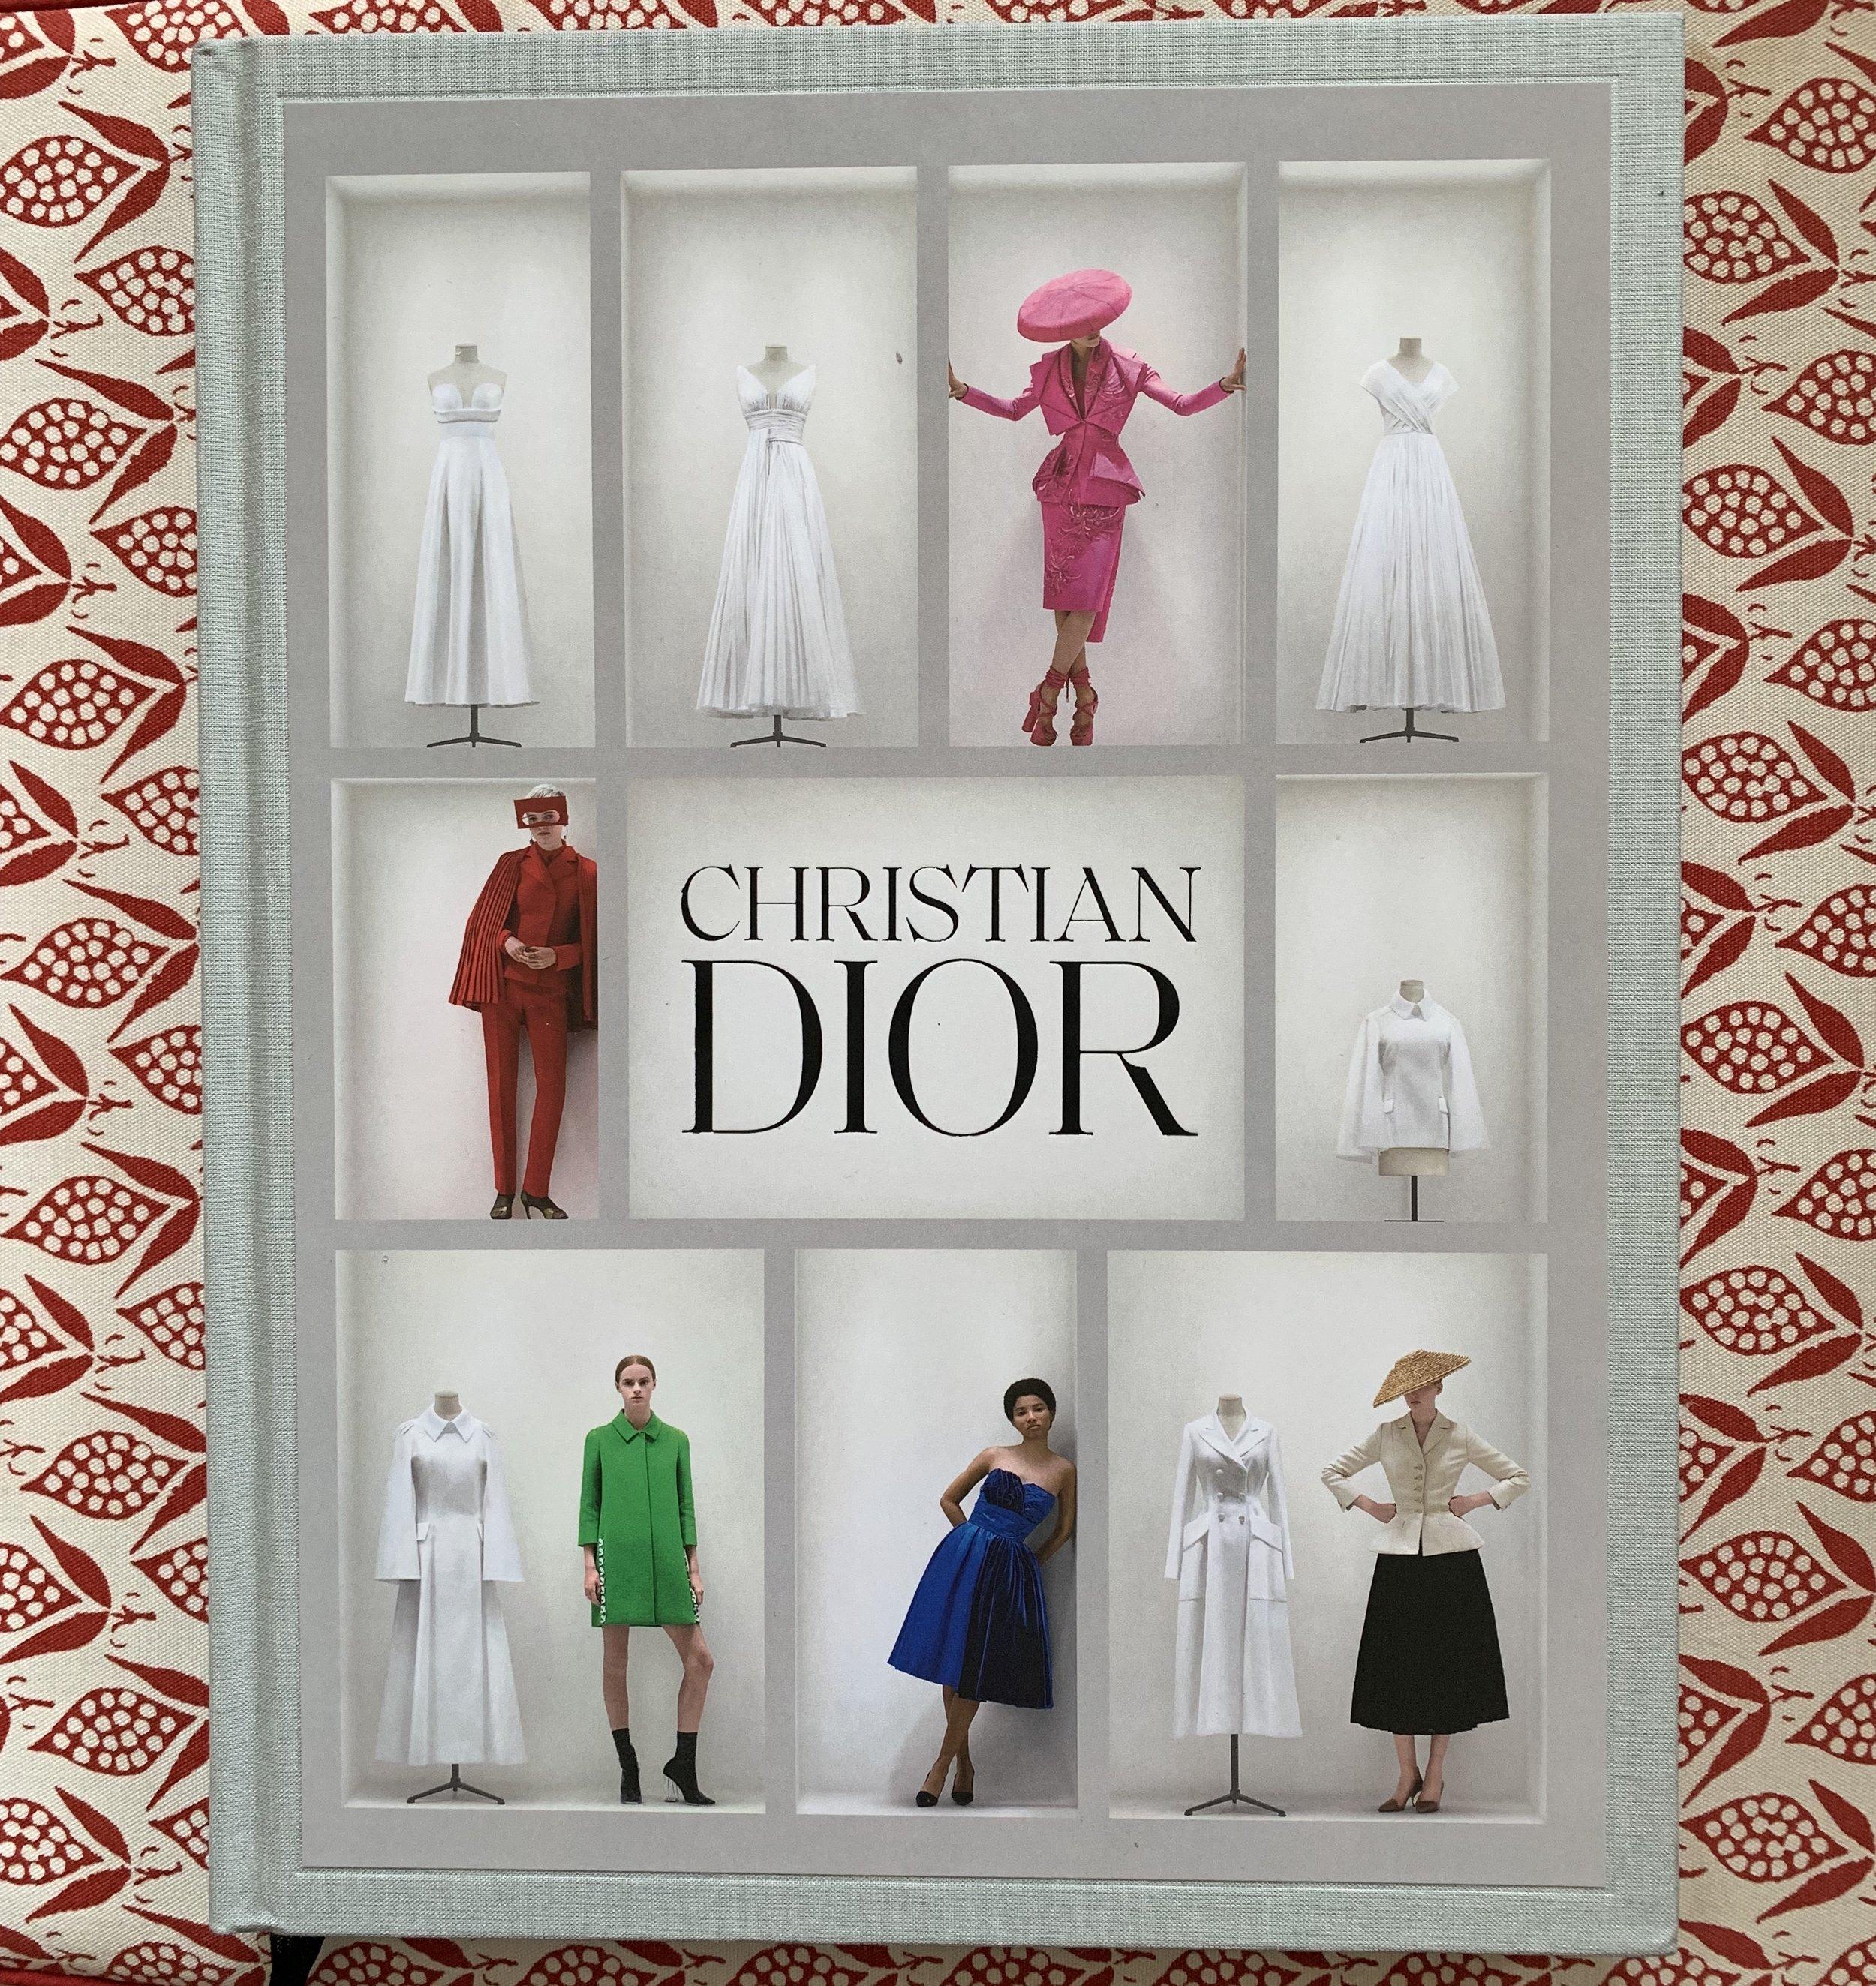 Dior book V&A.jpg